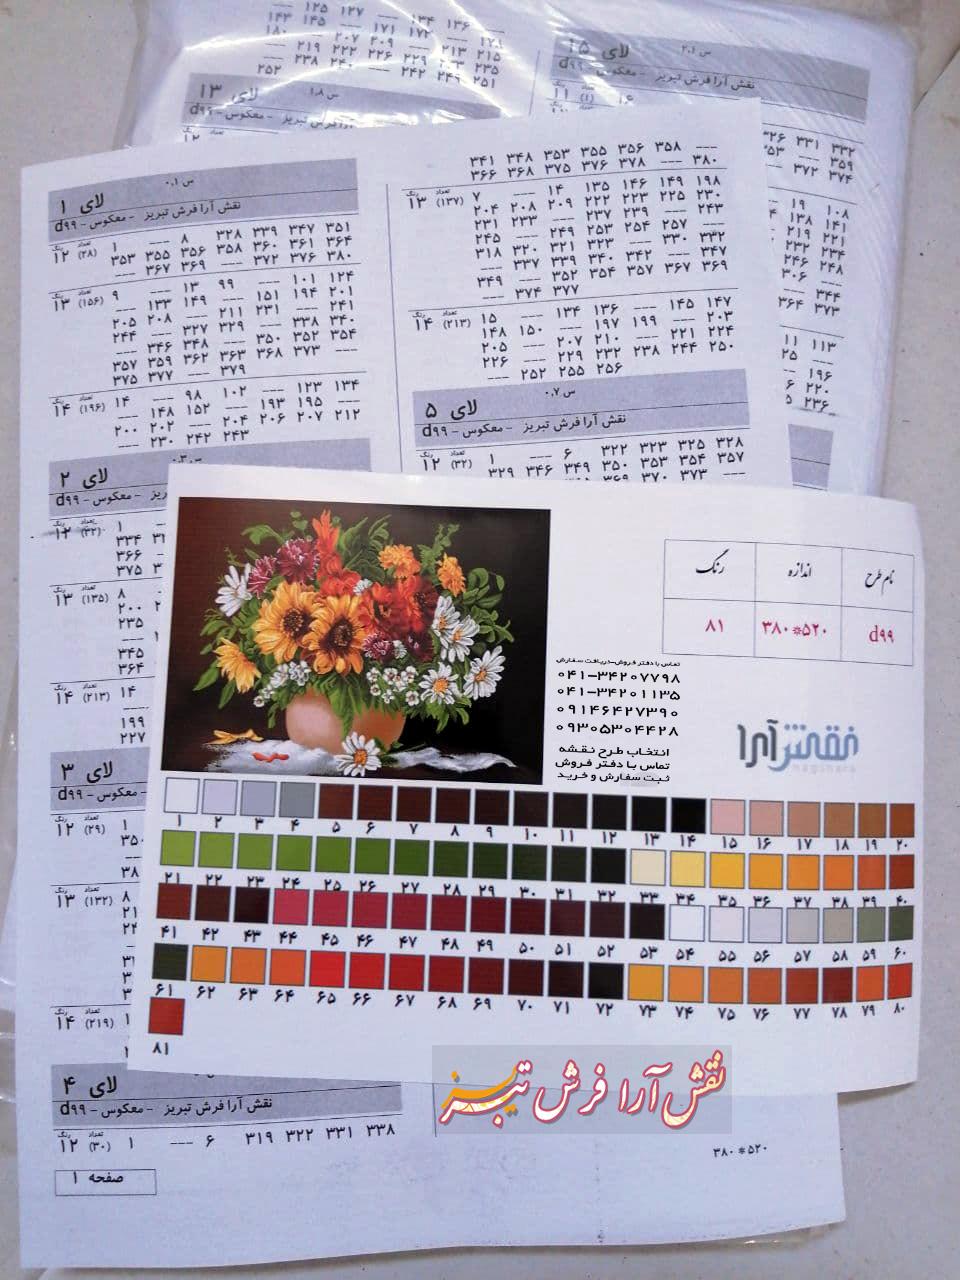 نخ و نقشه تابلو فرش گل و گلدان اقتاب گردان جدید -کدD99